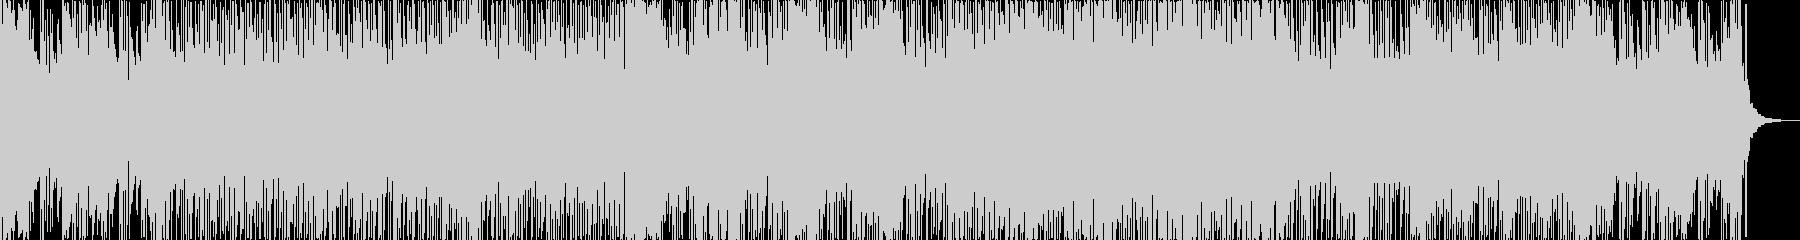 和風ゲーム音楽・BGMの未再生の波形